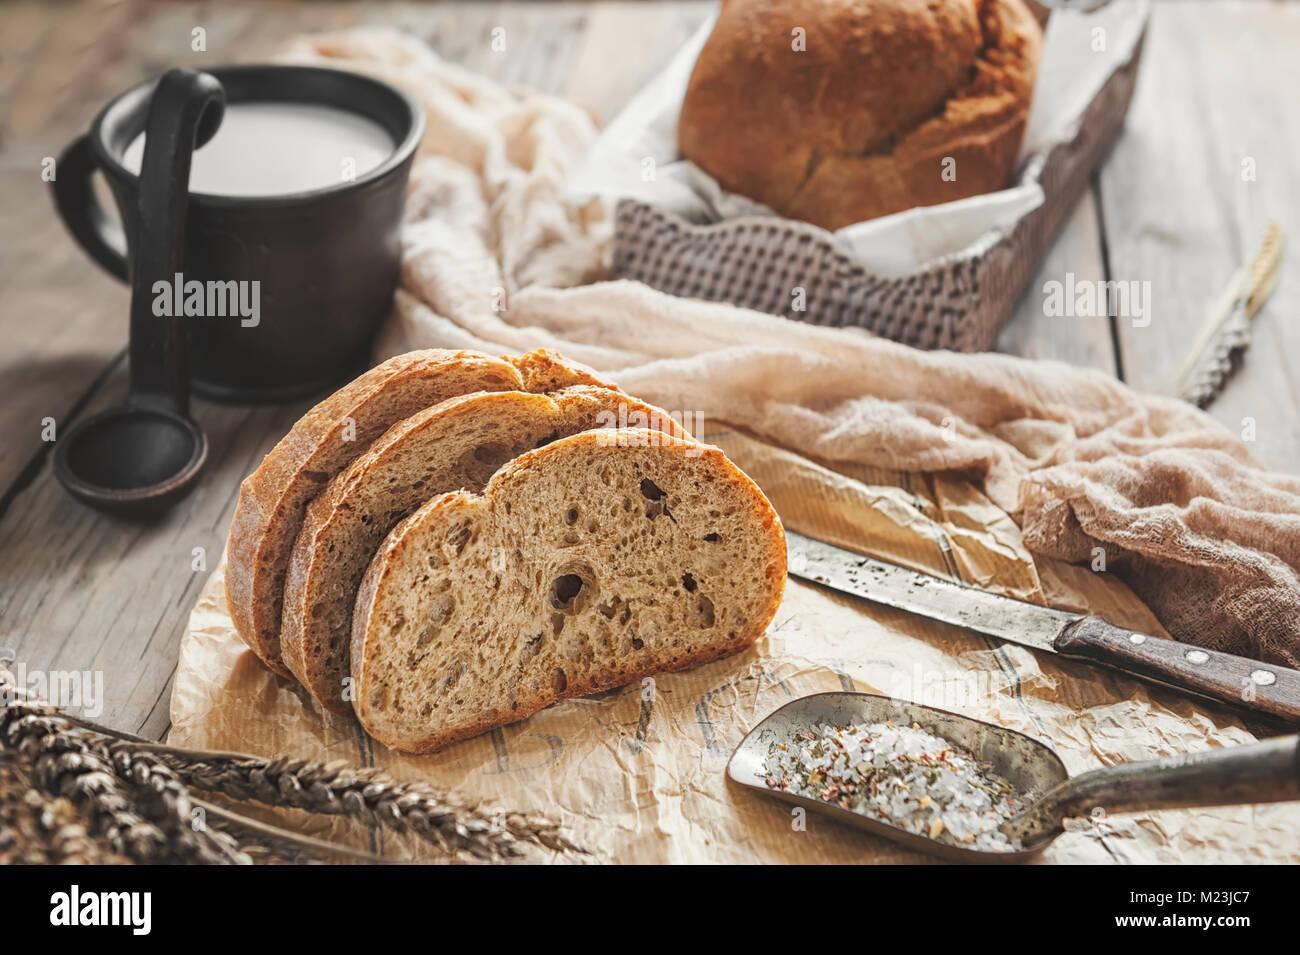 Une belle miche de pain au levain de blé blanche sur une plaque sur un bord du linge. Des pâtisseries Photo Stock